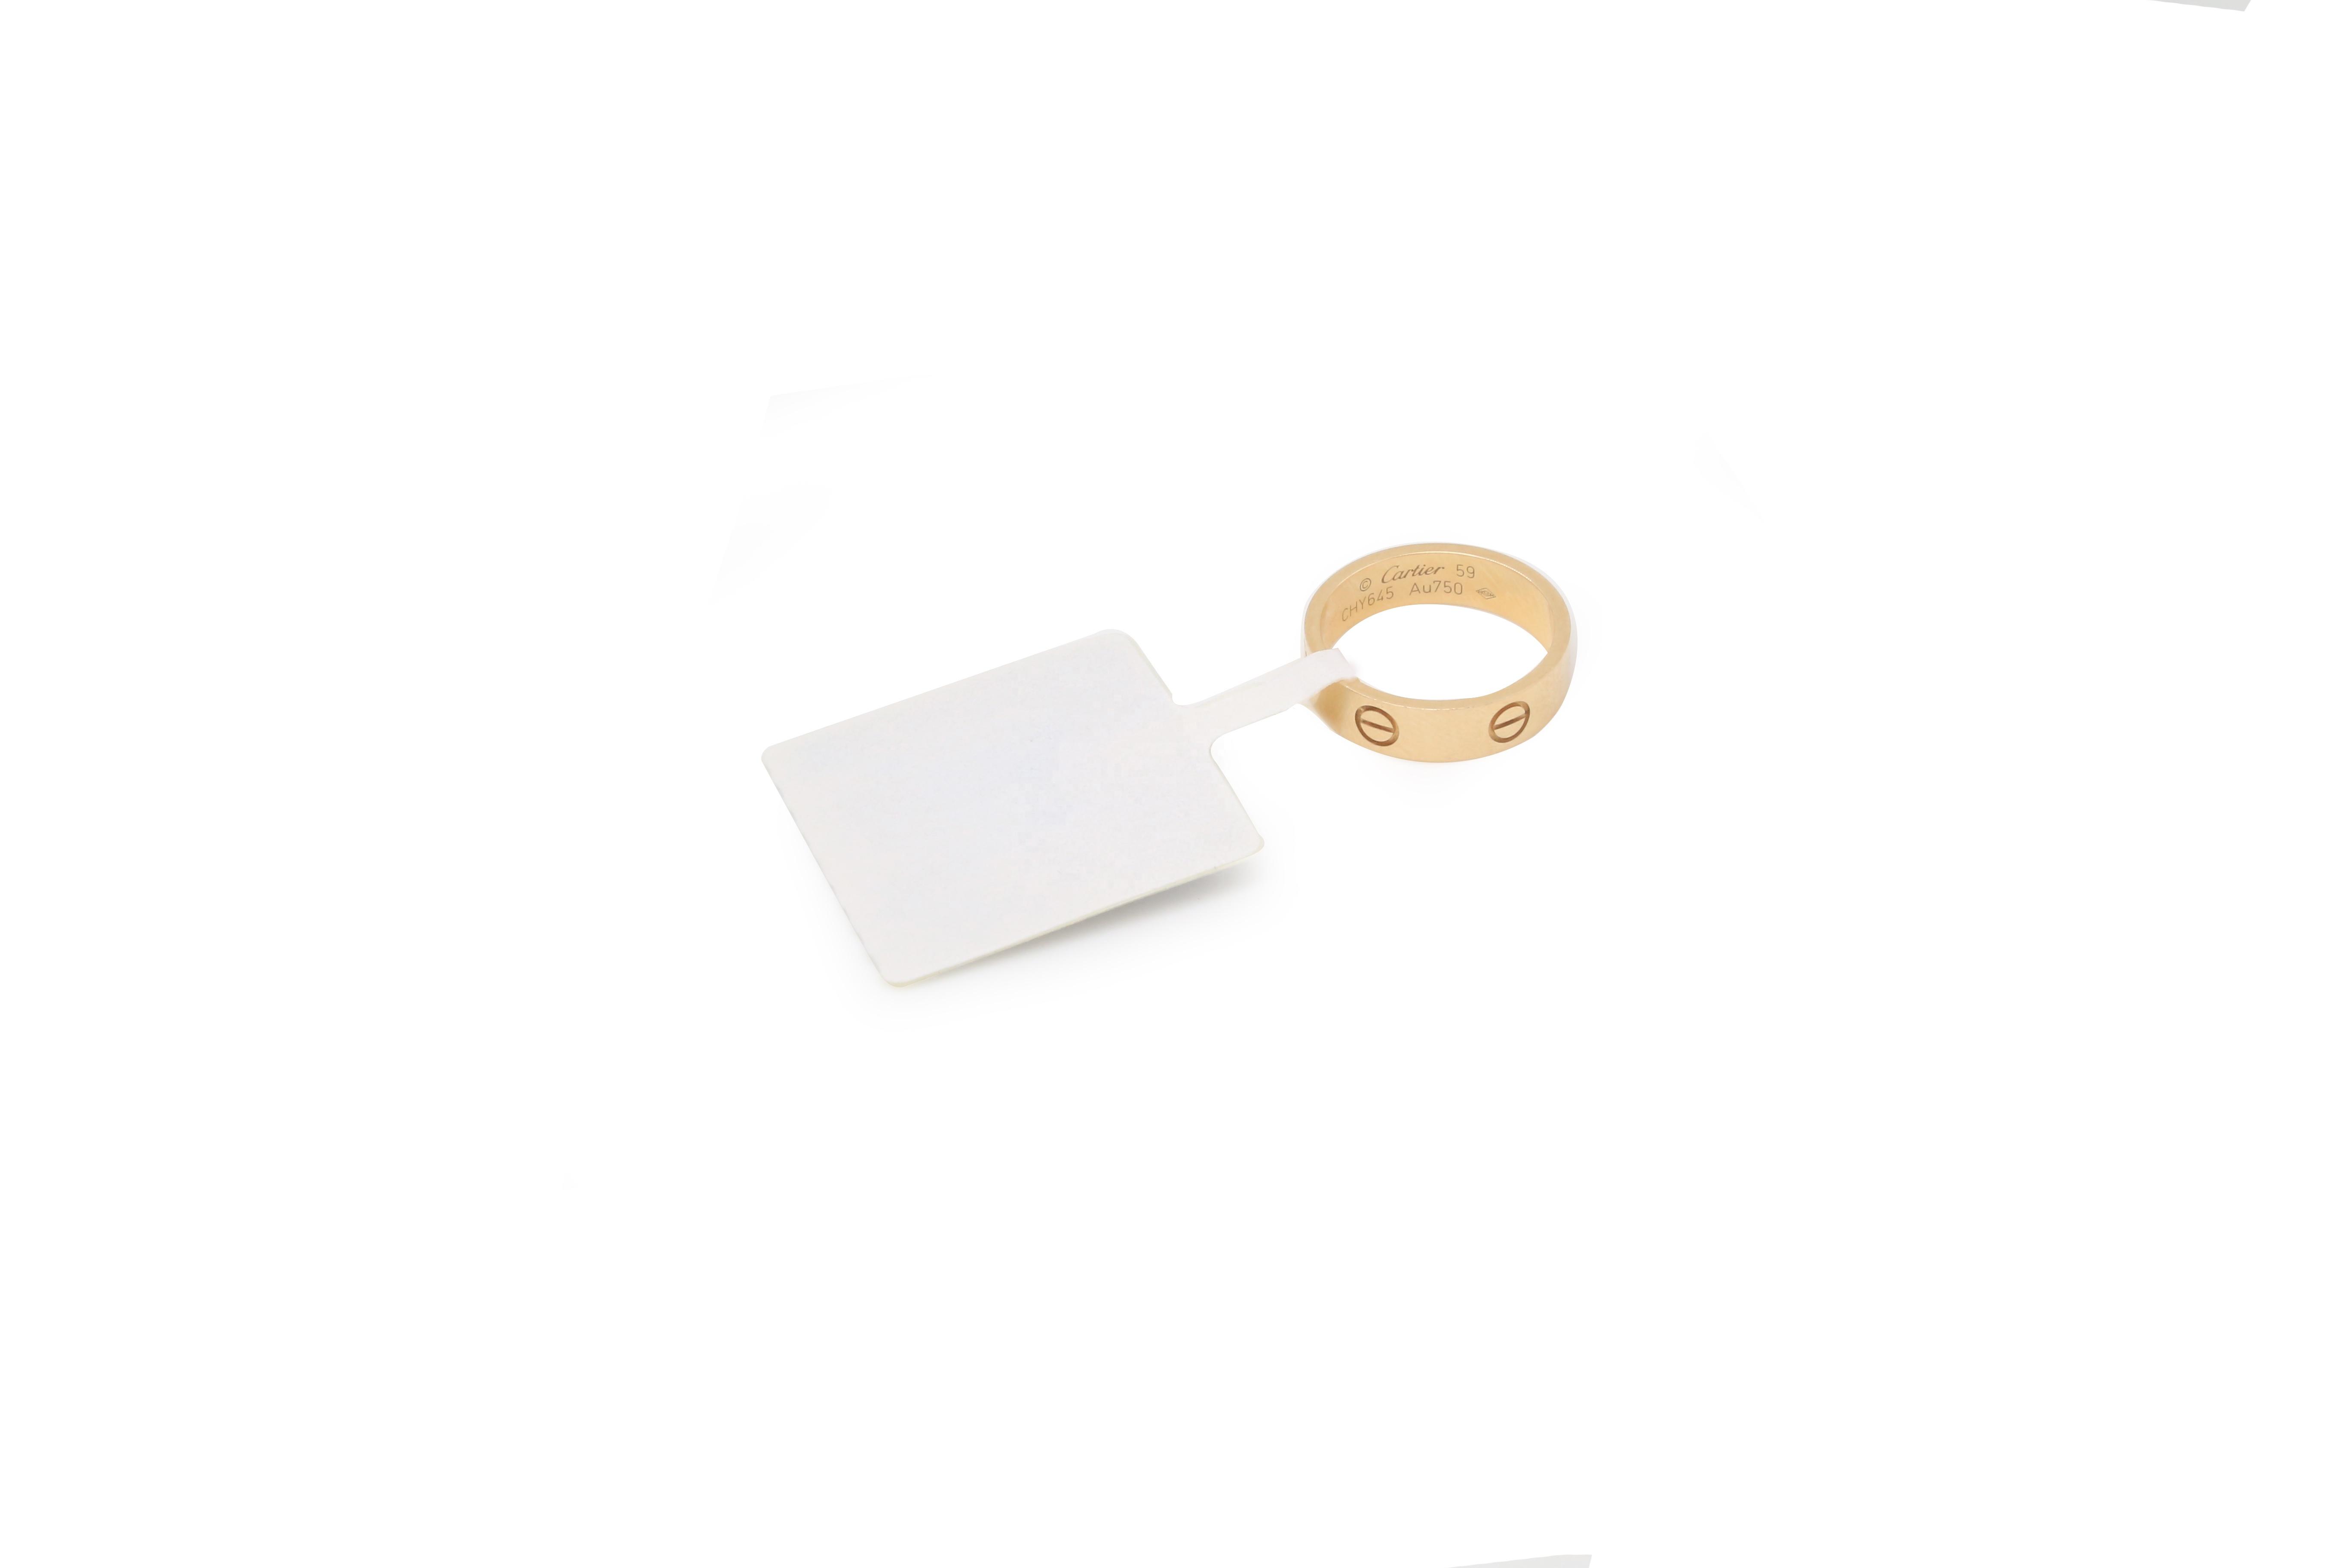 Электронного отслеживания товаров, при заказе от ювелирный магазин стикер безопасности РФ Малый безопасности для ювелирных изделий